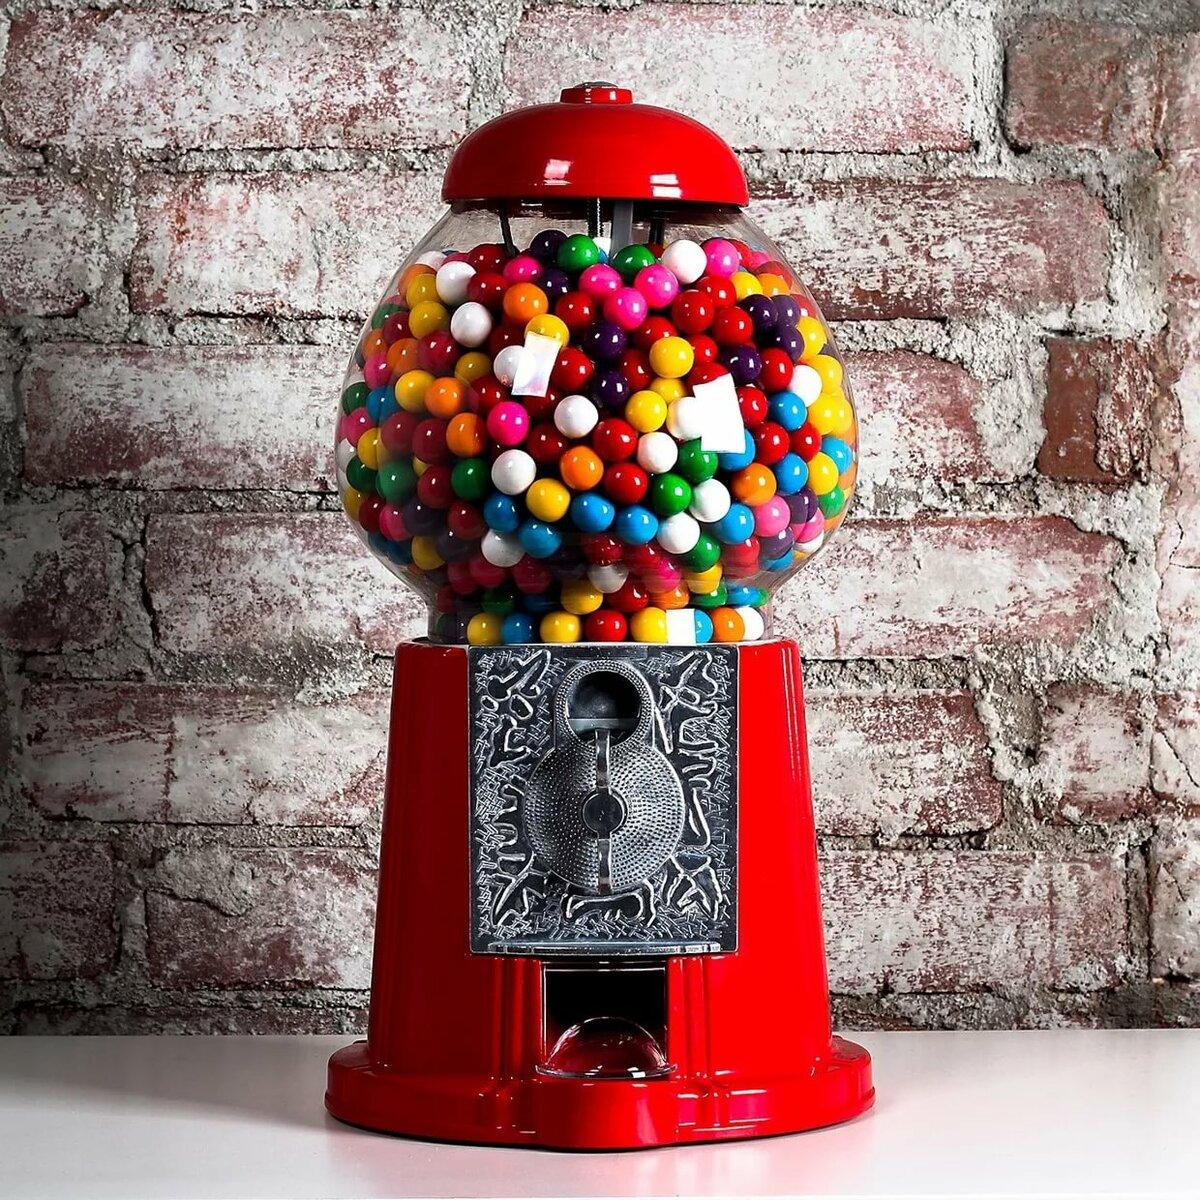 автомат для конфет картинки решите